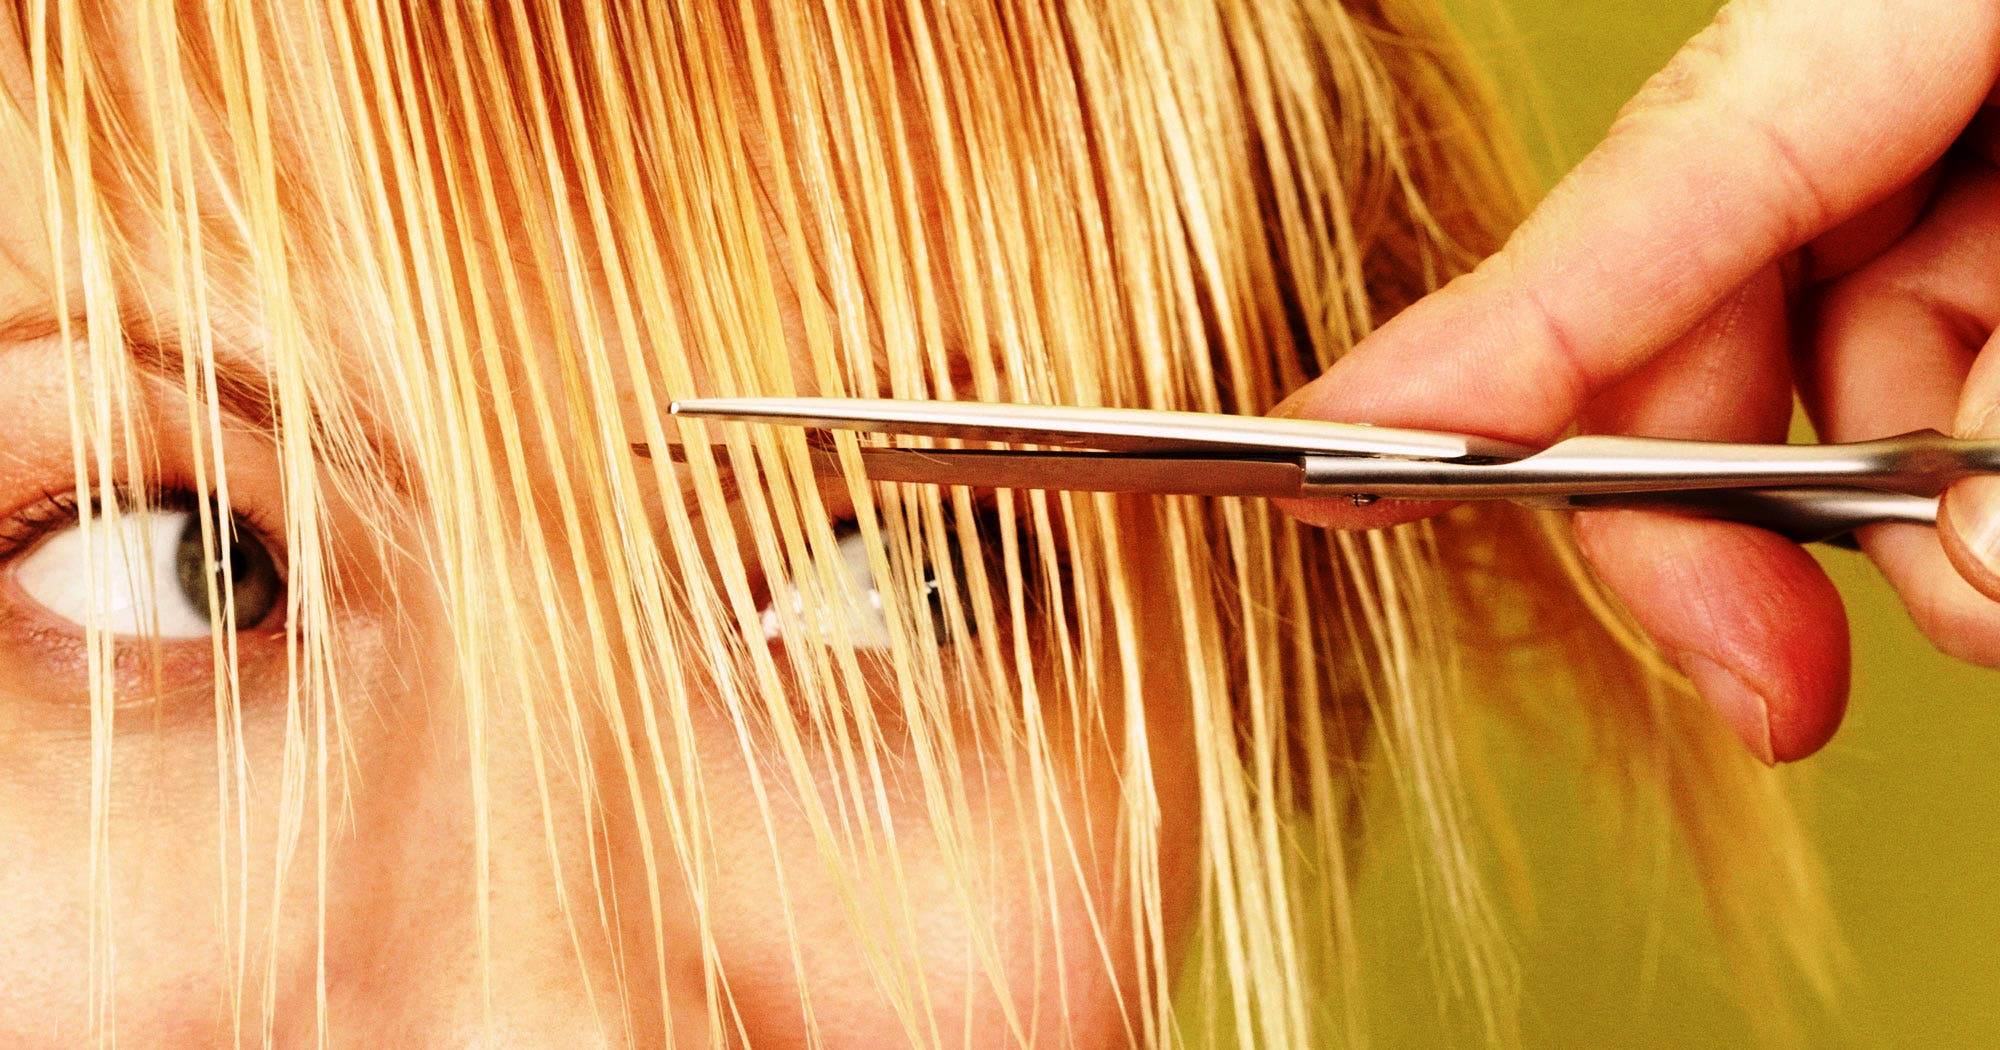 Планируем поход в парикмахерскую, согласно лунному календарю на май 2020 года